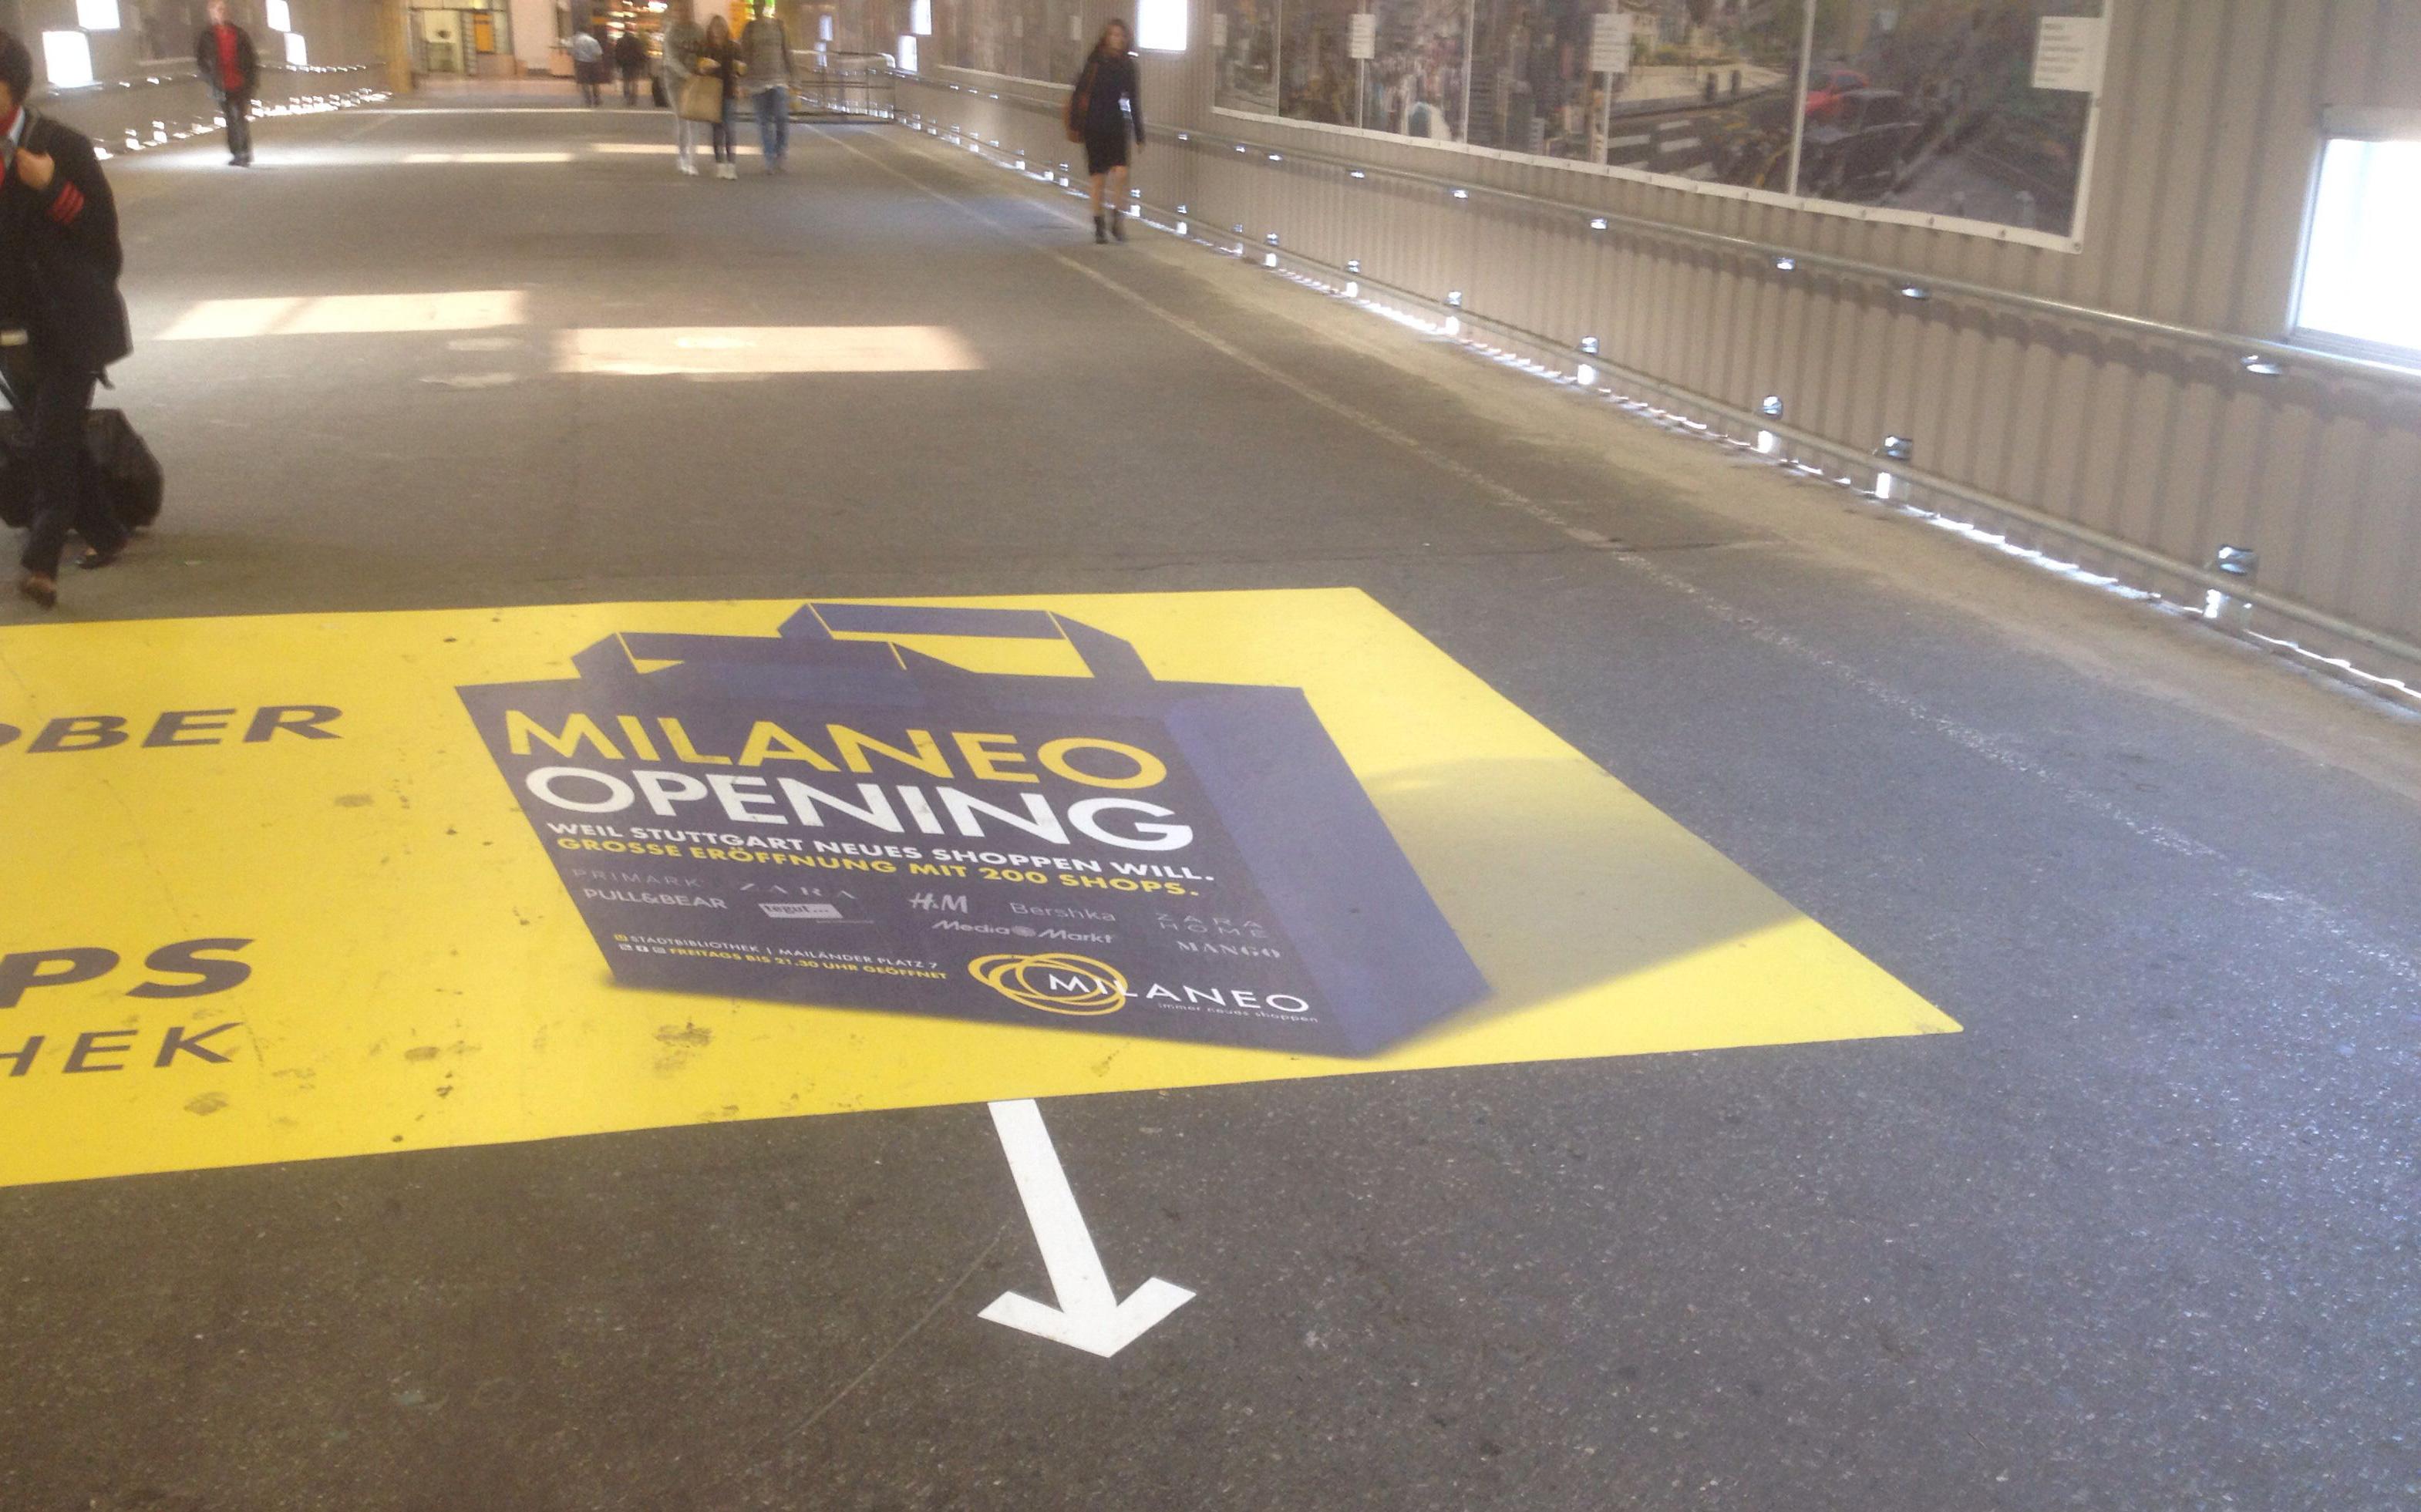 Milaneo Werbung